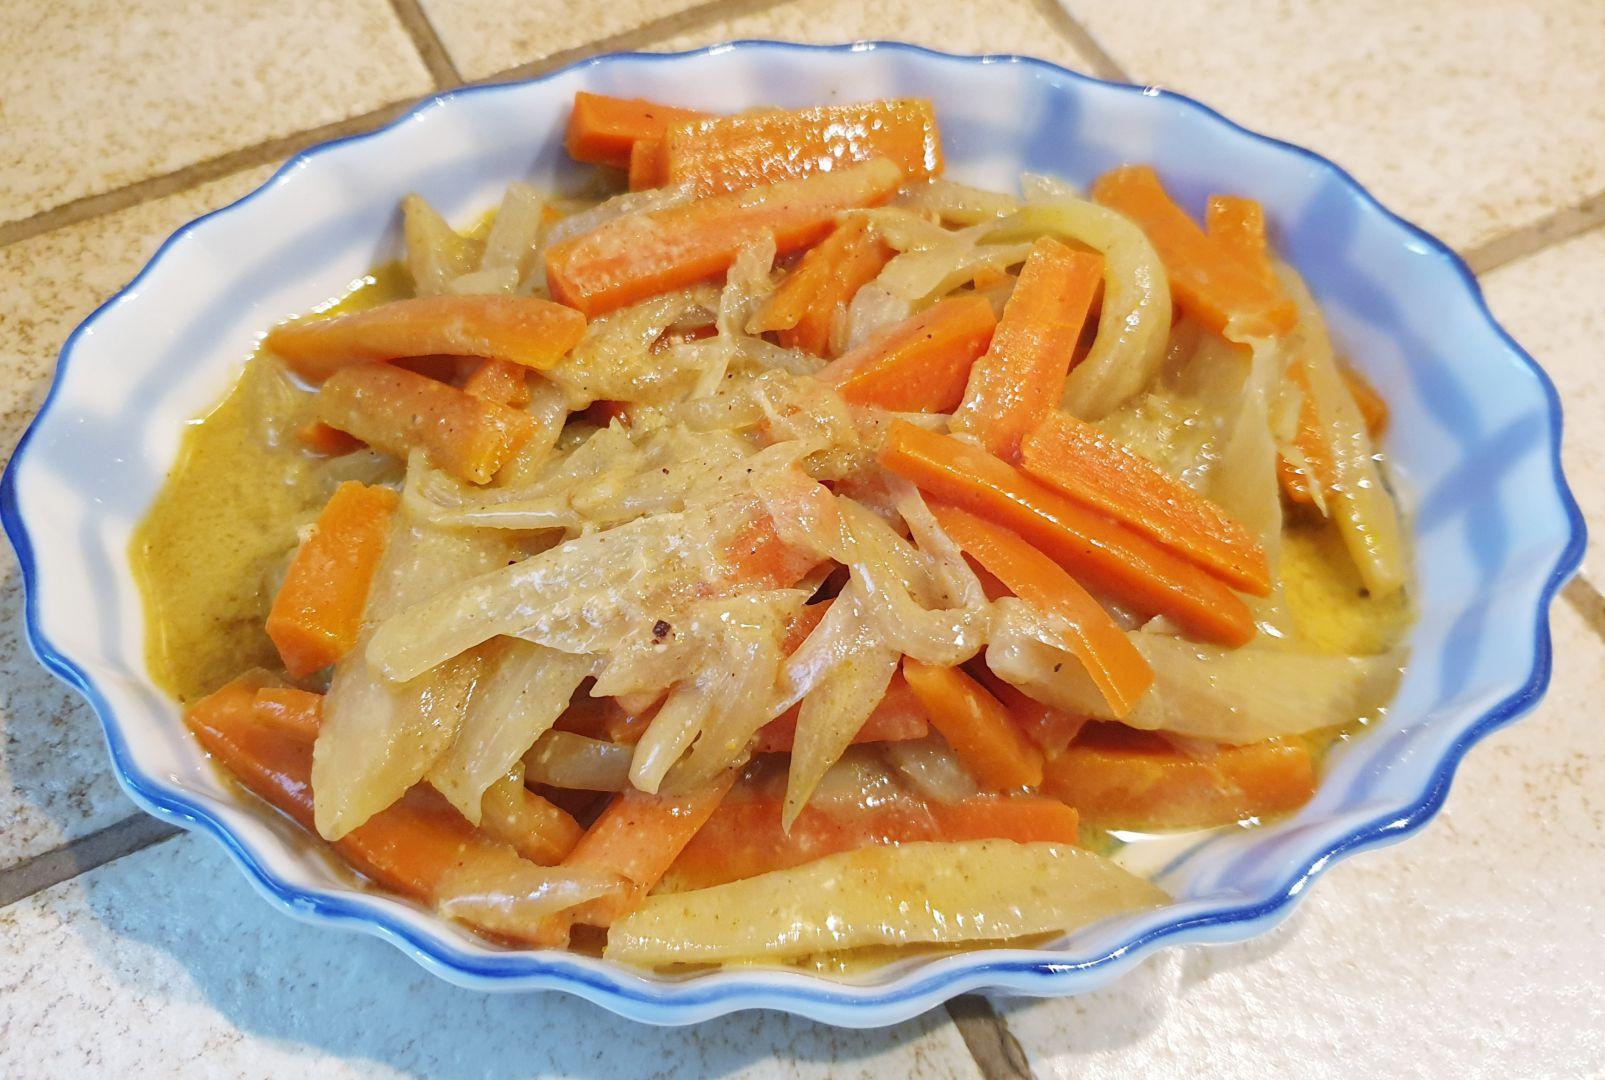 Recette Poêlée de fenouil sur Manger de tout et équilibré